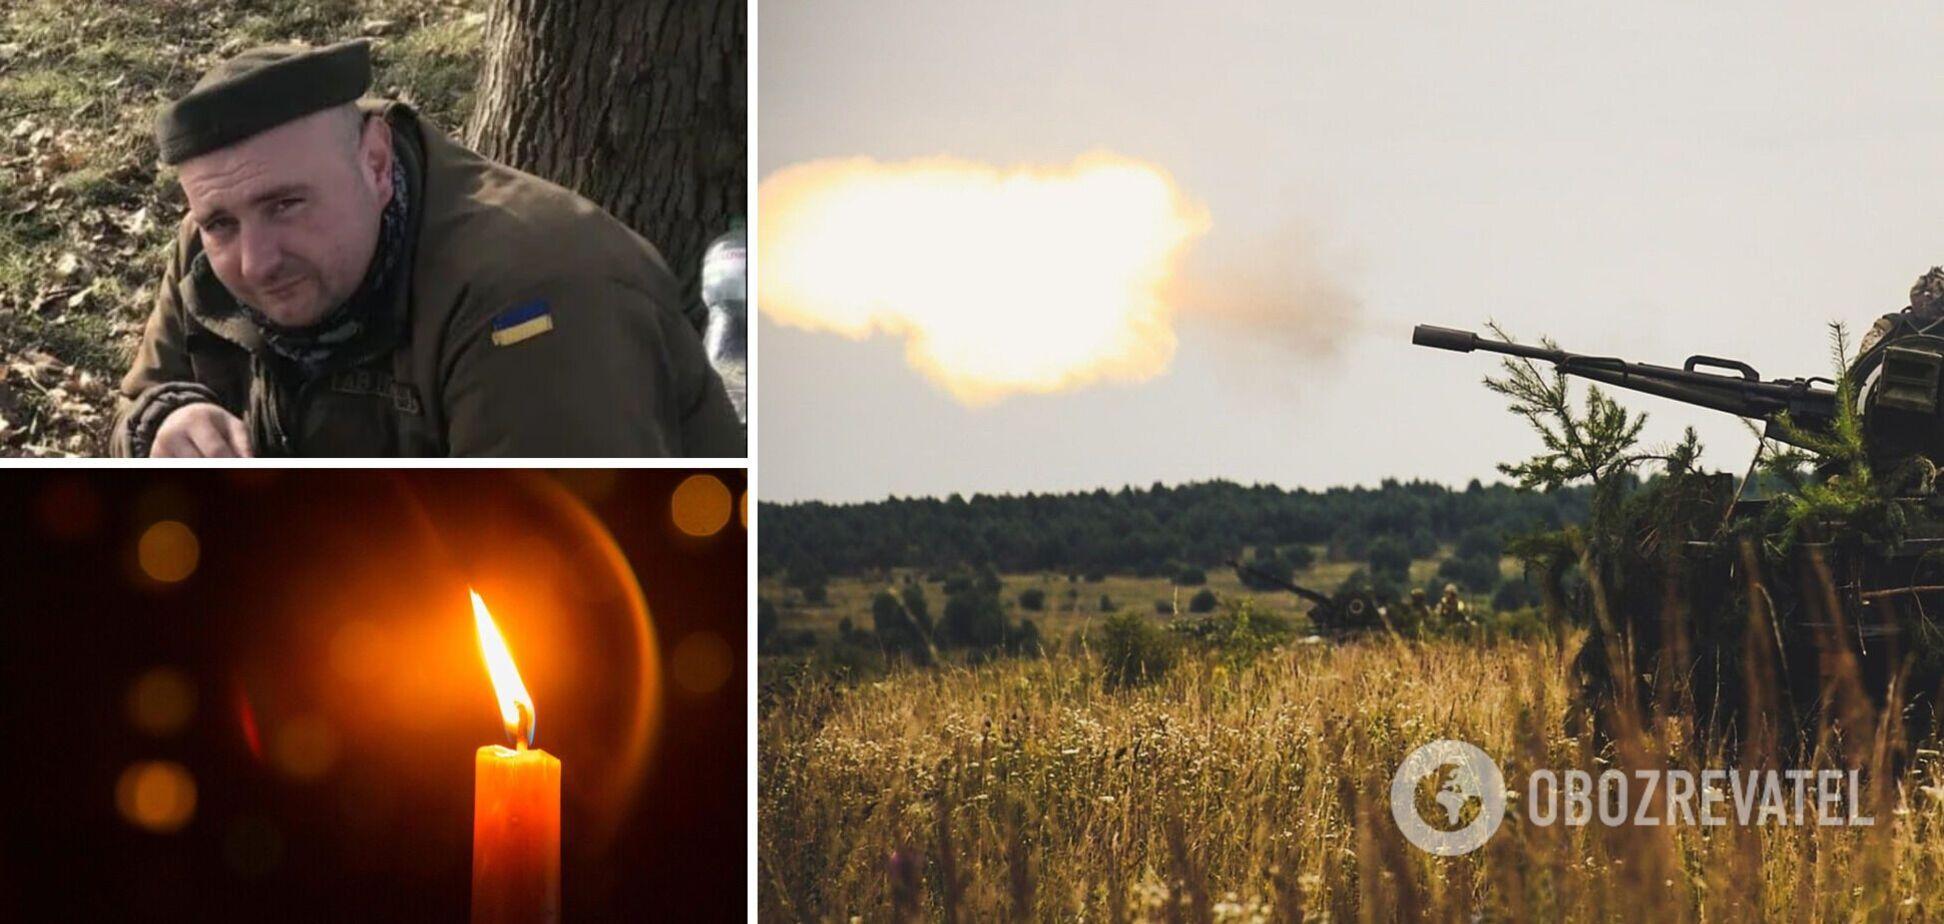 Заїхав попрощатися з побратимами: під час ворожого обстрілу на Донбасі загинув ветеран ООС. Фото